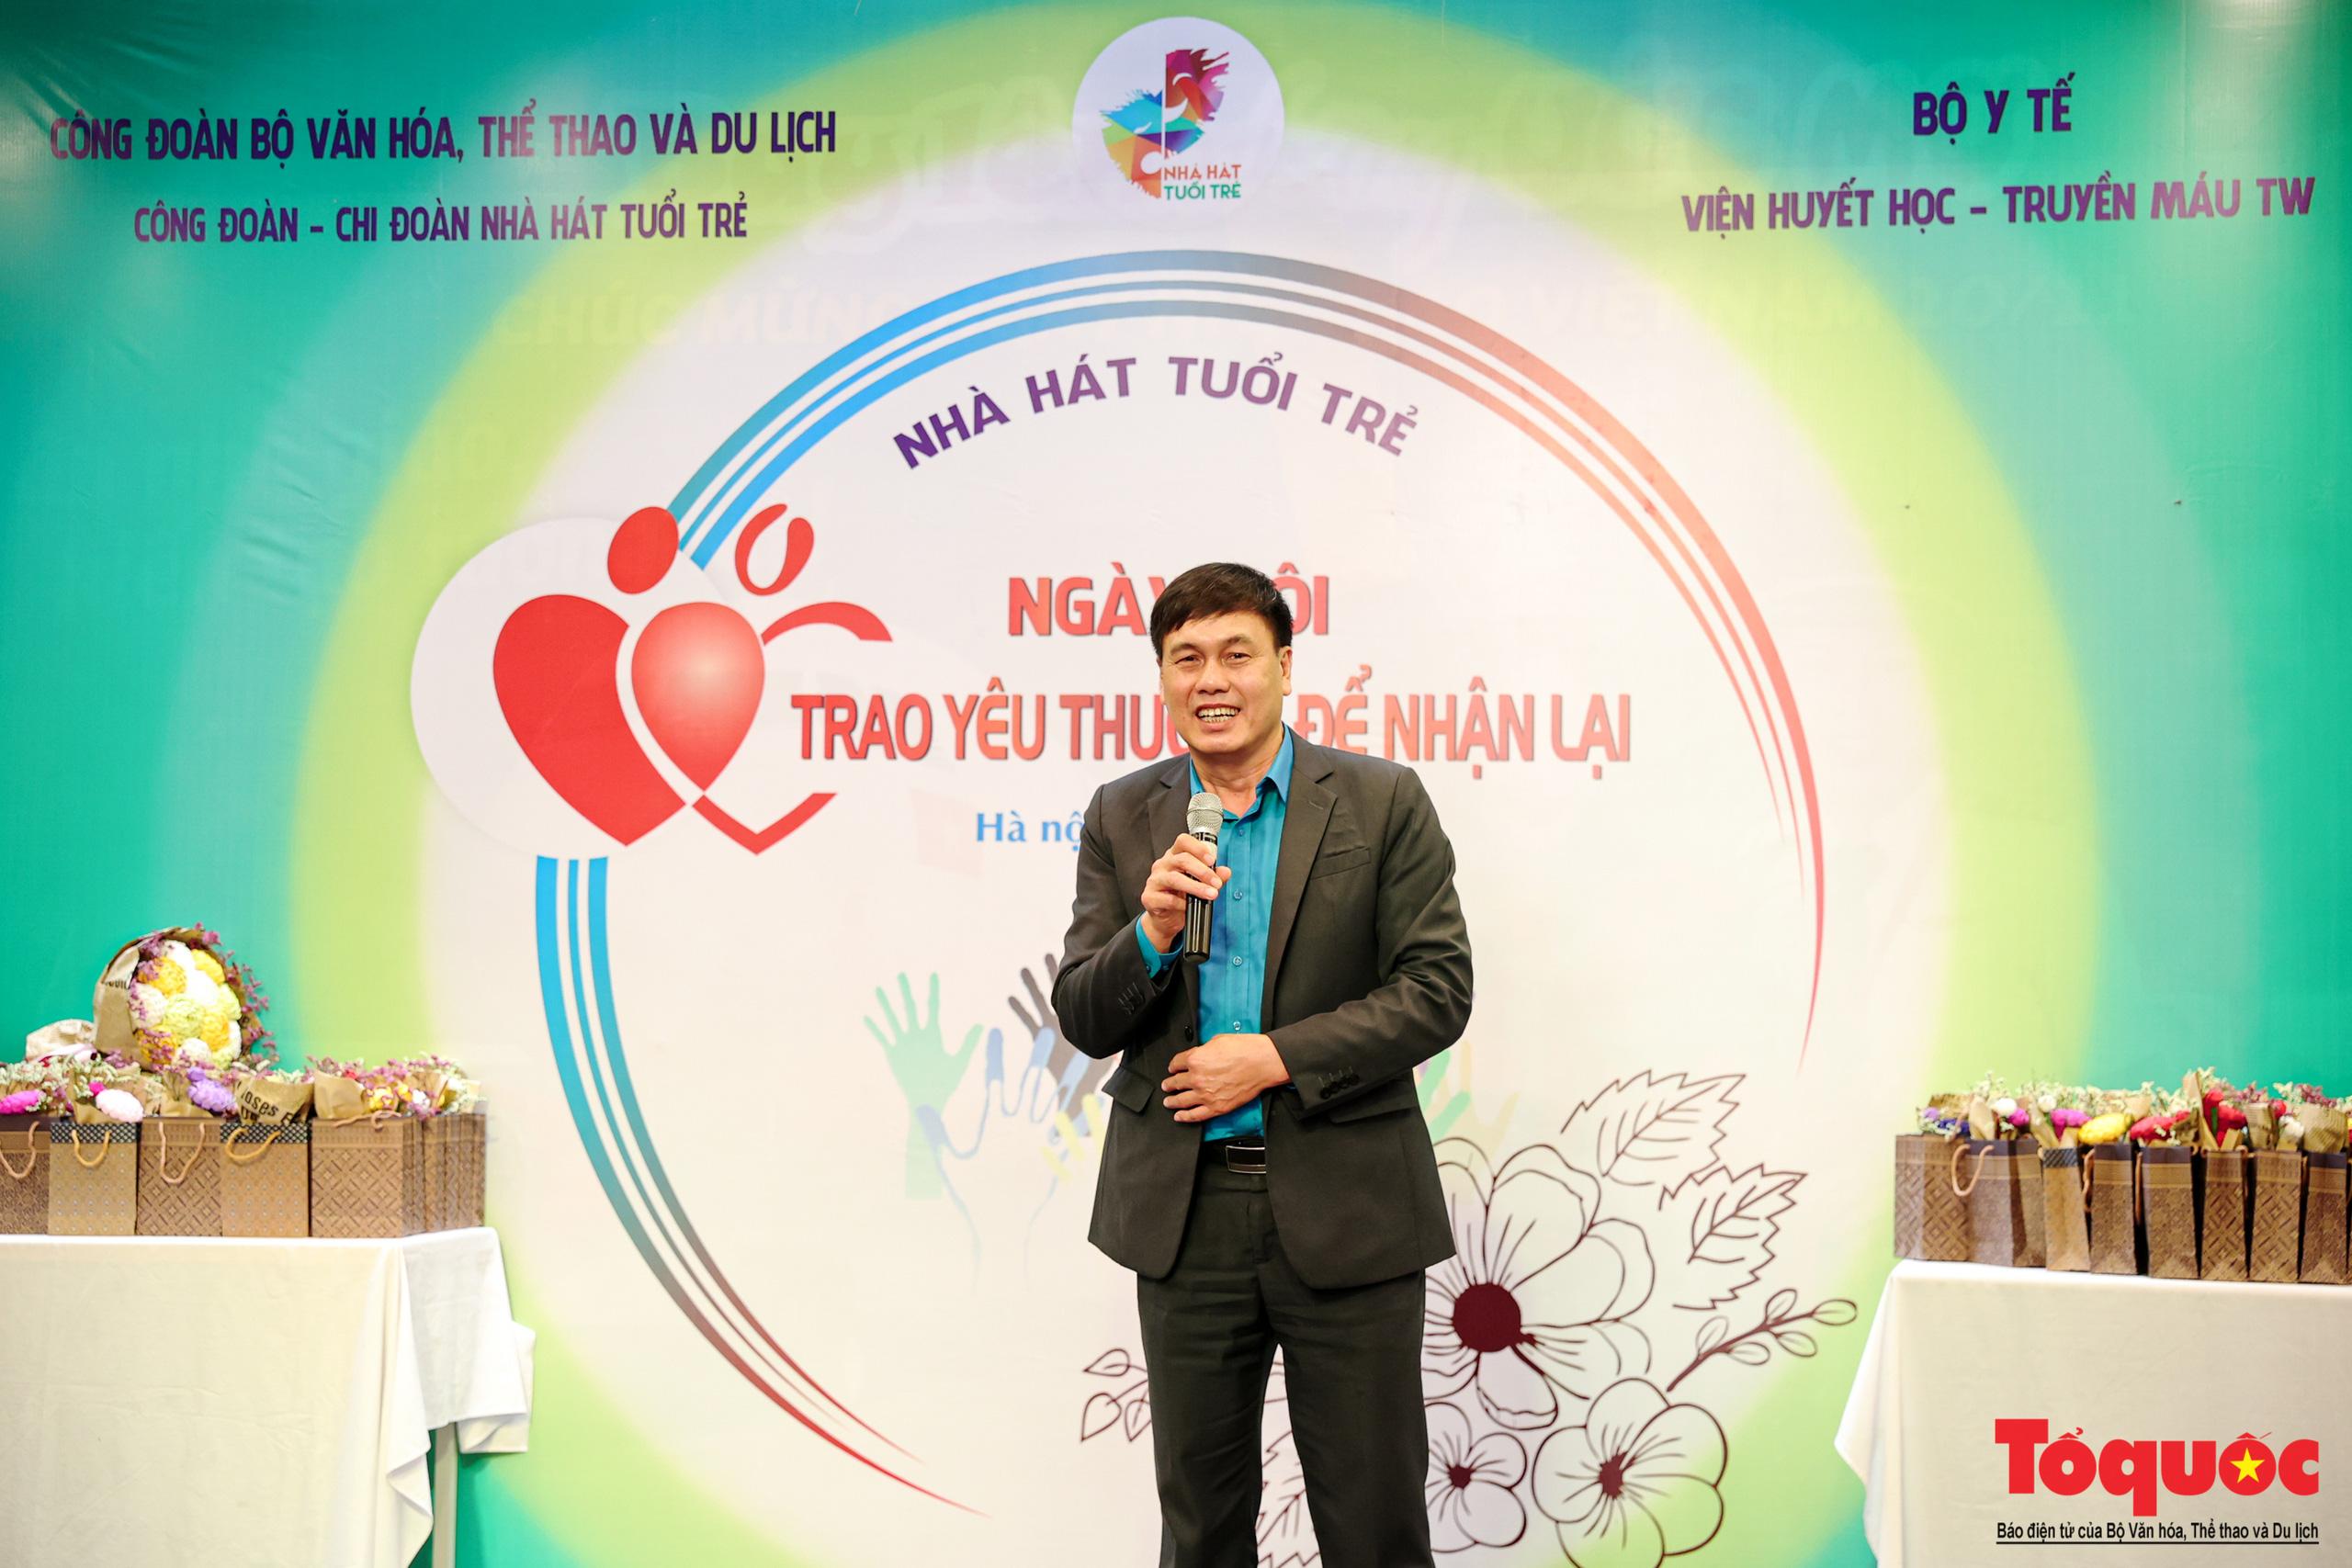 """Đông đảo các nghệ sĩ Việt tham gia hiến máu với thông điệp ý nghĩa """"Trao yêu thương để nhận lại"""" - Ảnh 4."""